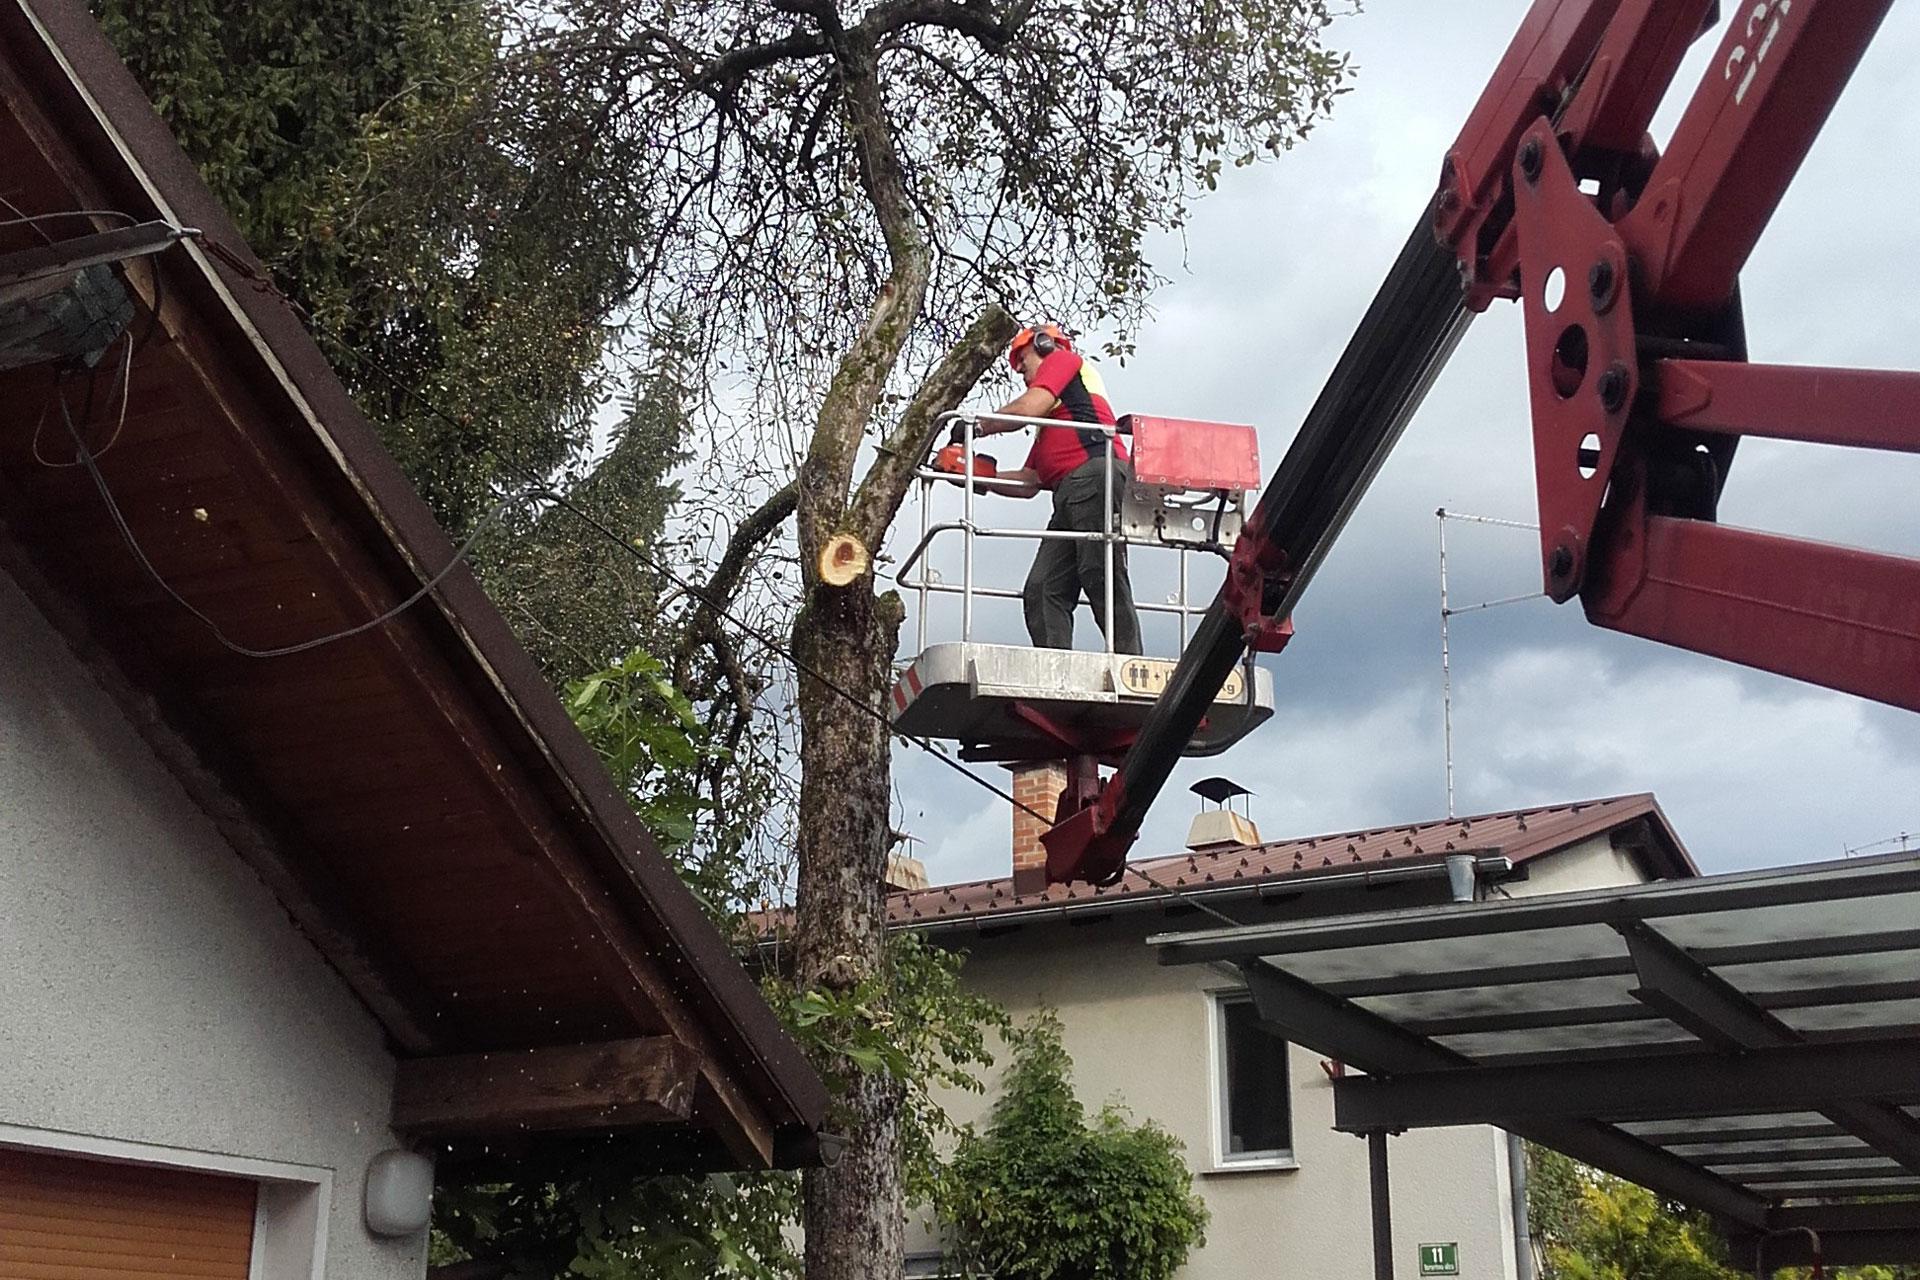 Obrezovanje dreves v naselju in sečnja dreves v mestu